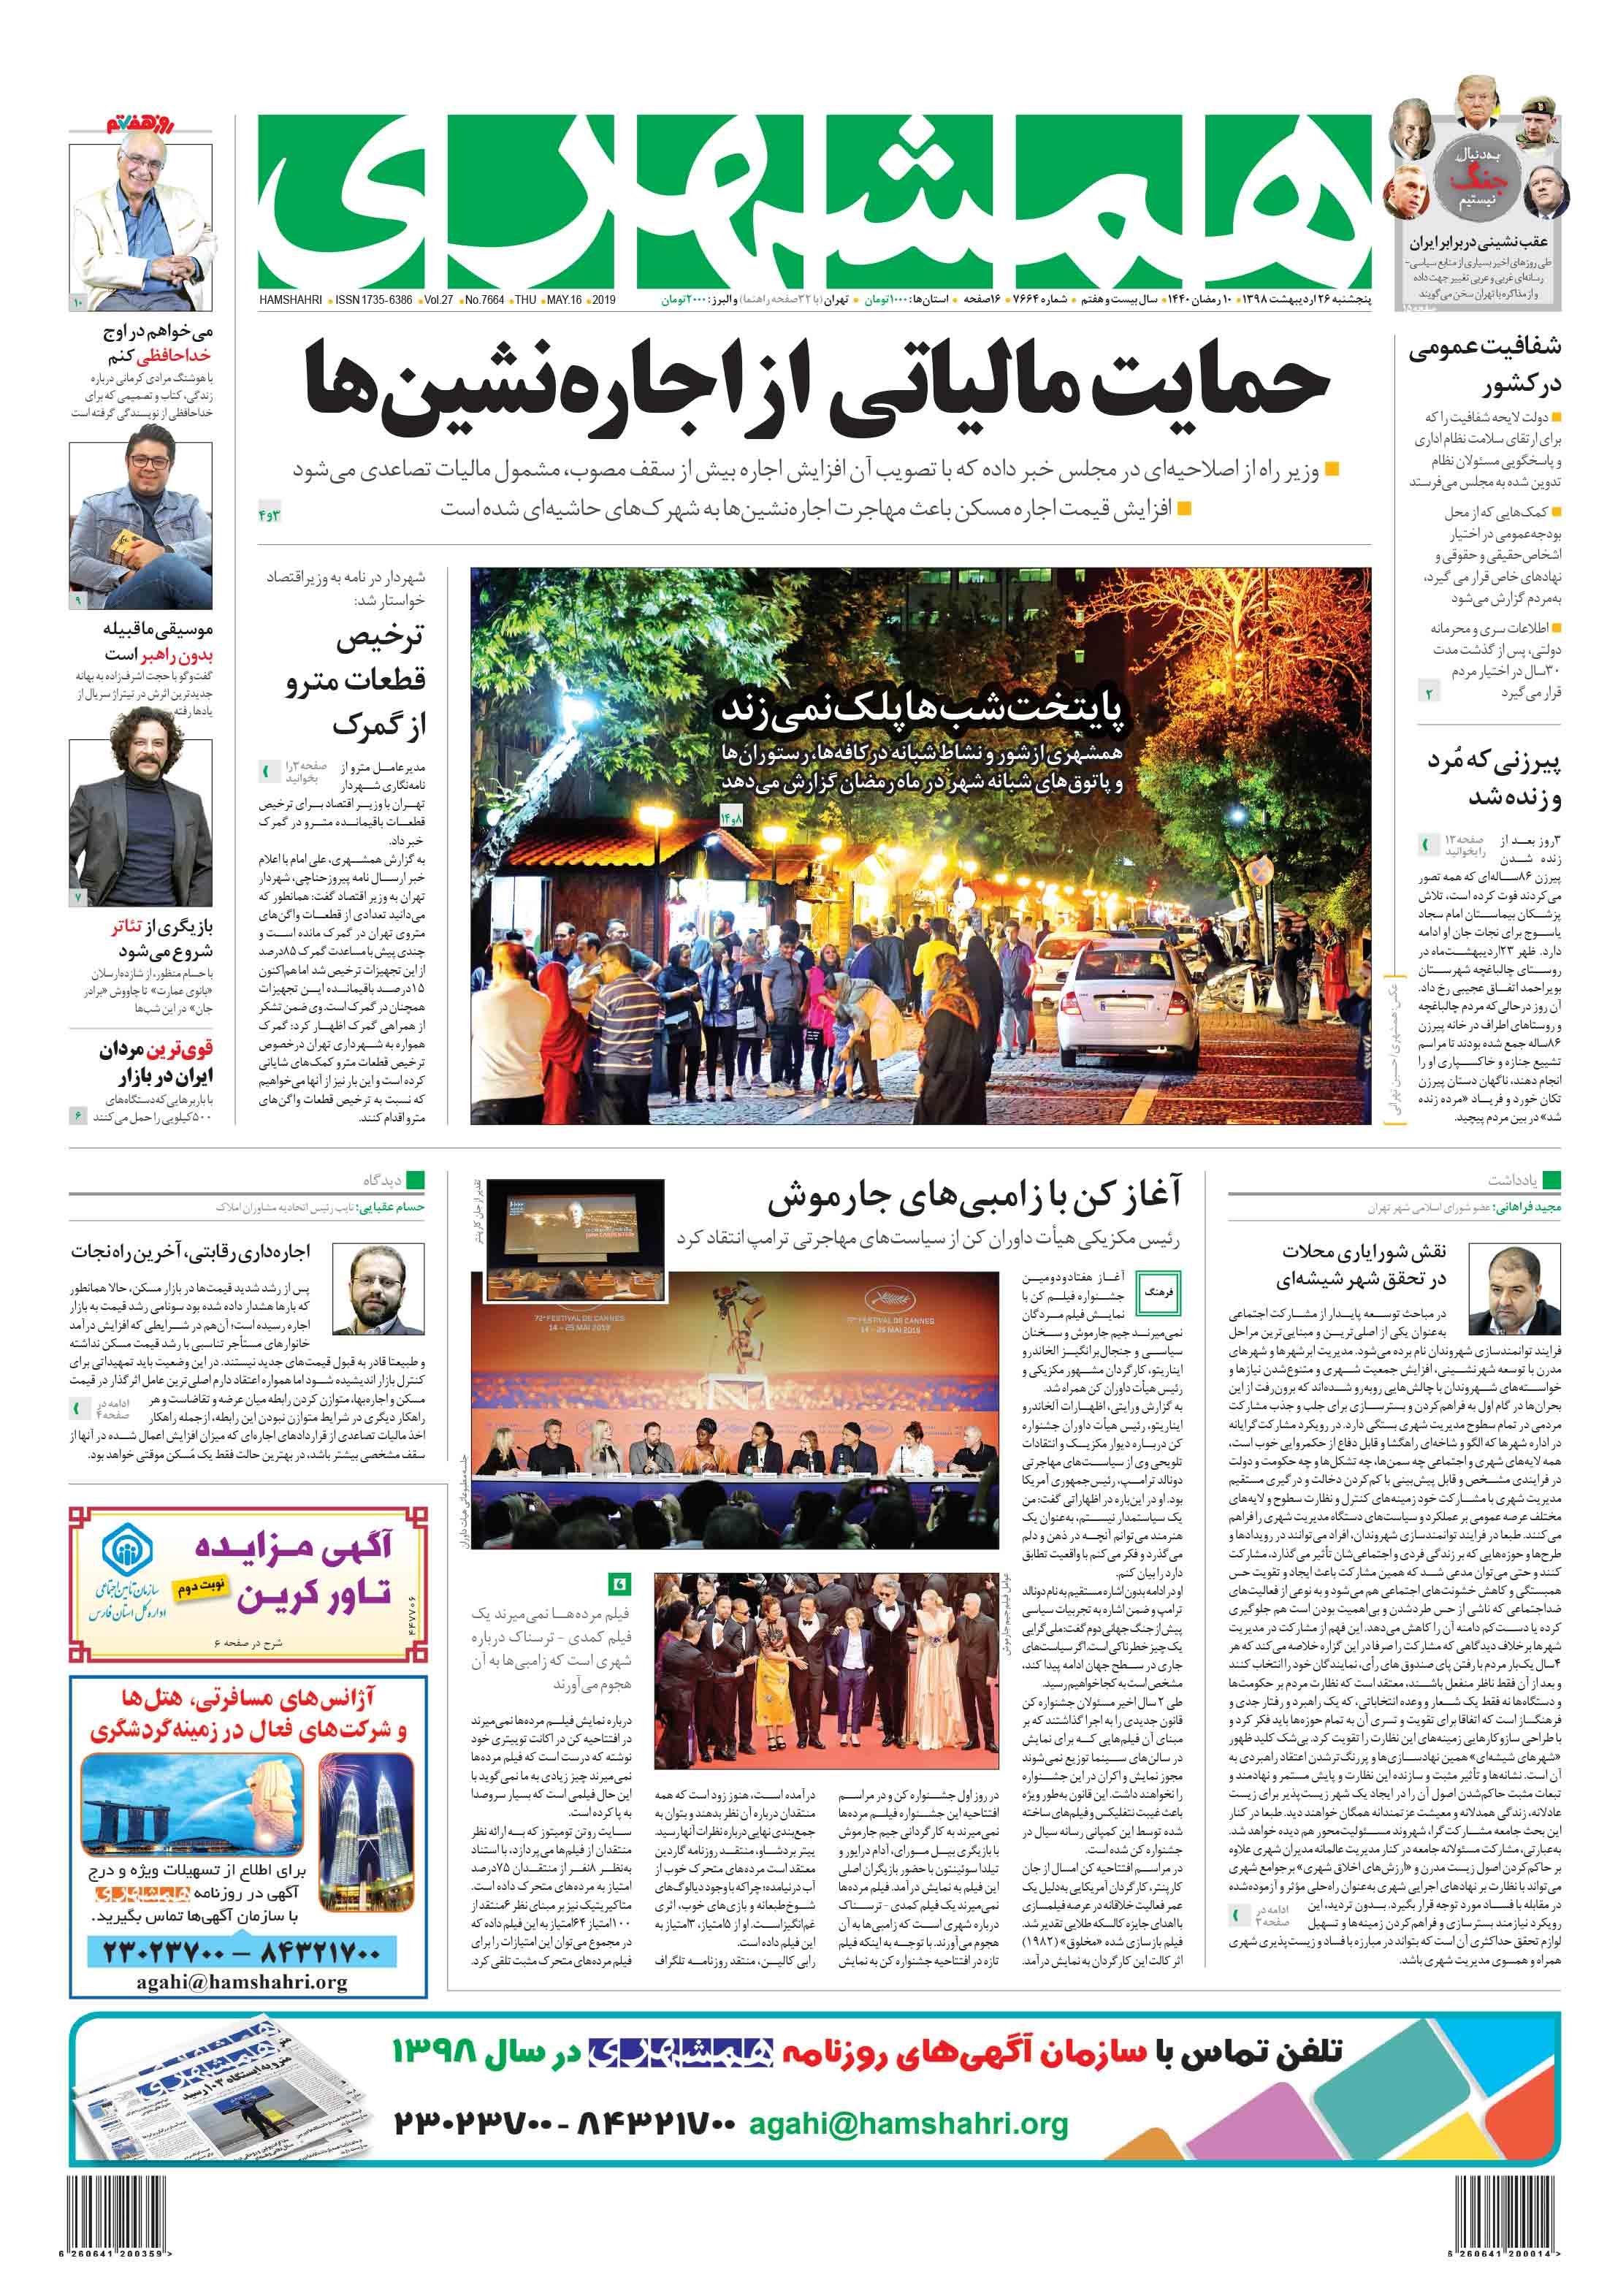 صفحه اول پنجشنبه 26 اردیبهشت 1398